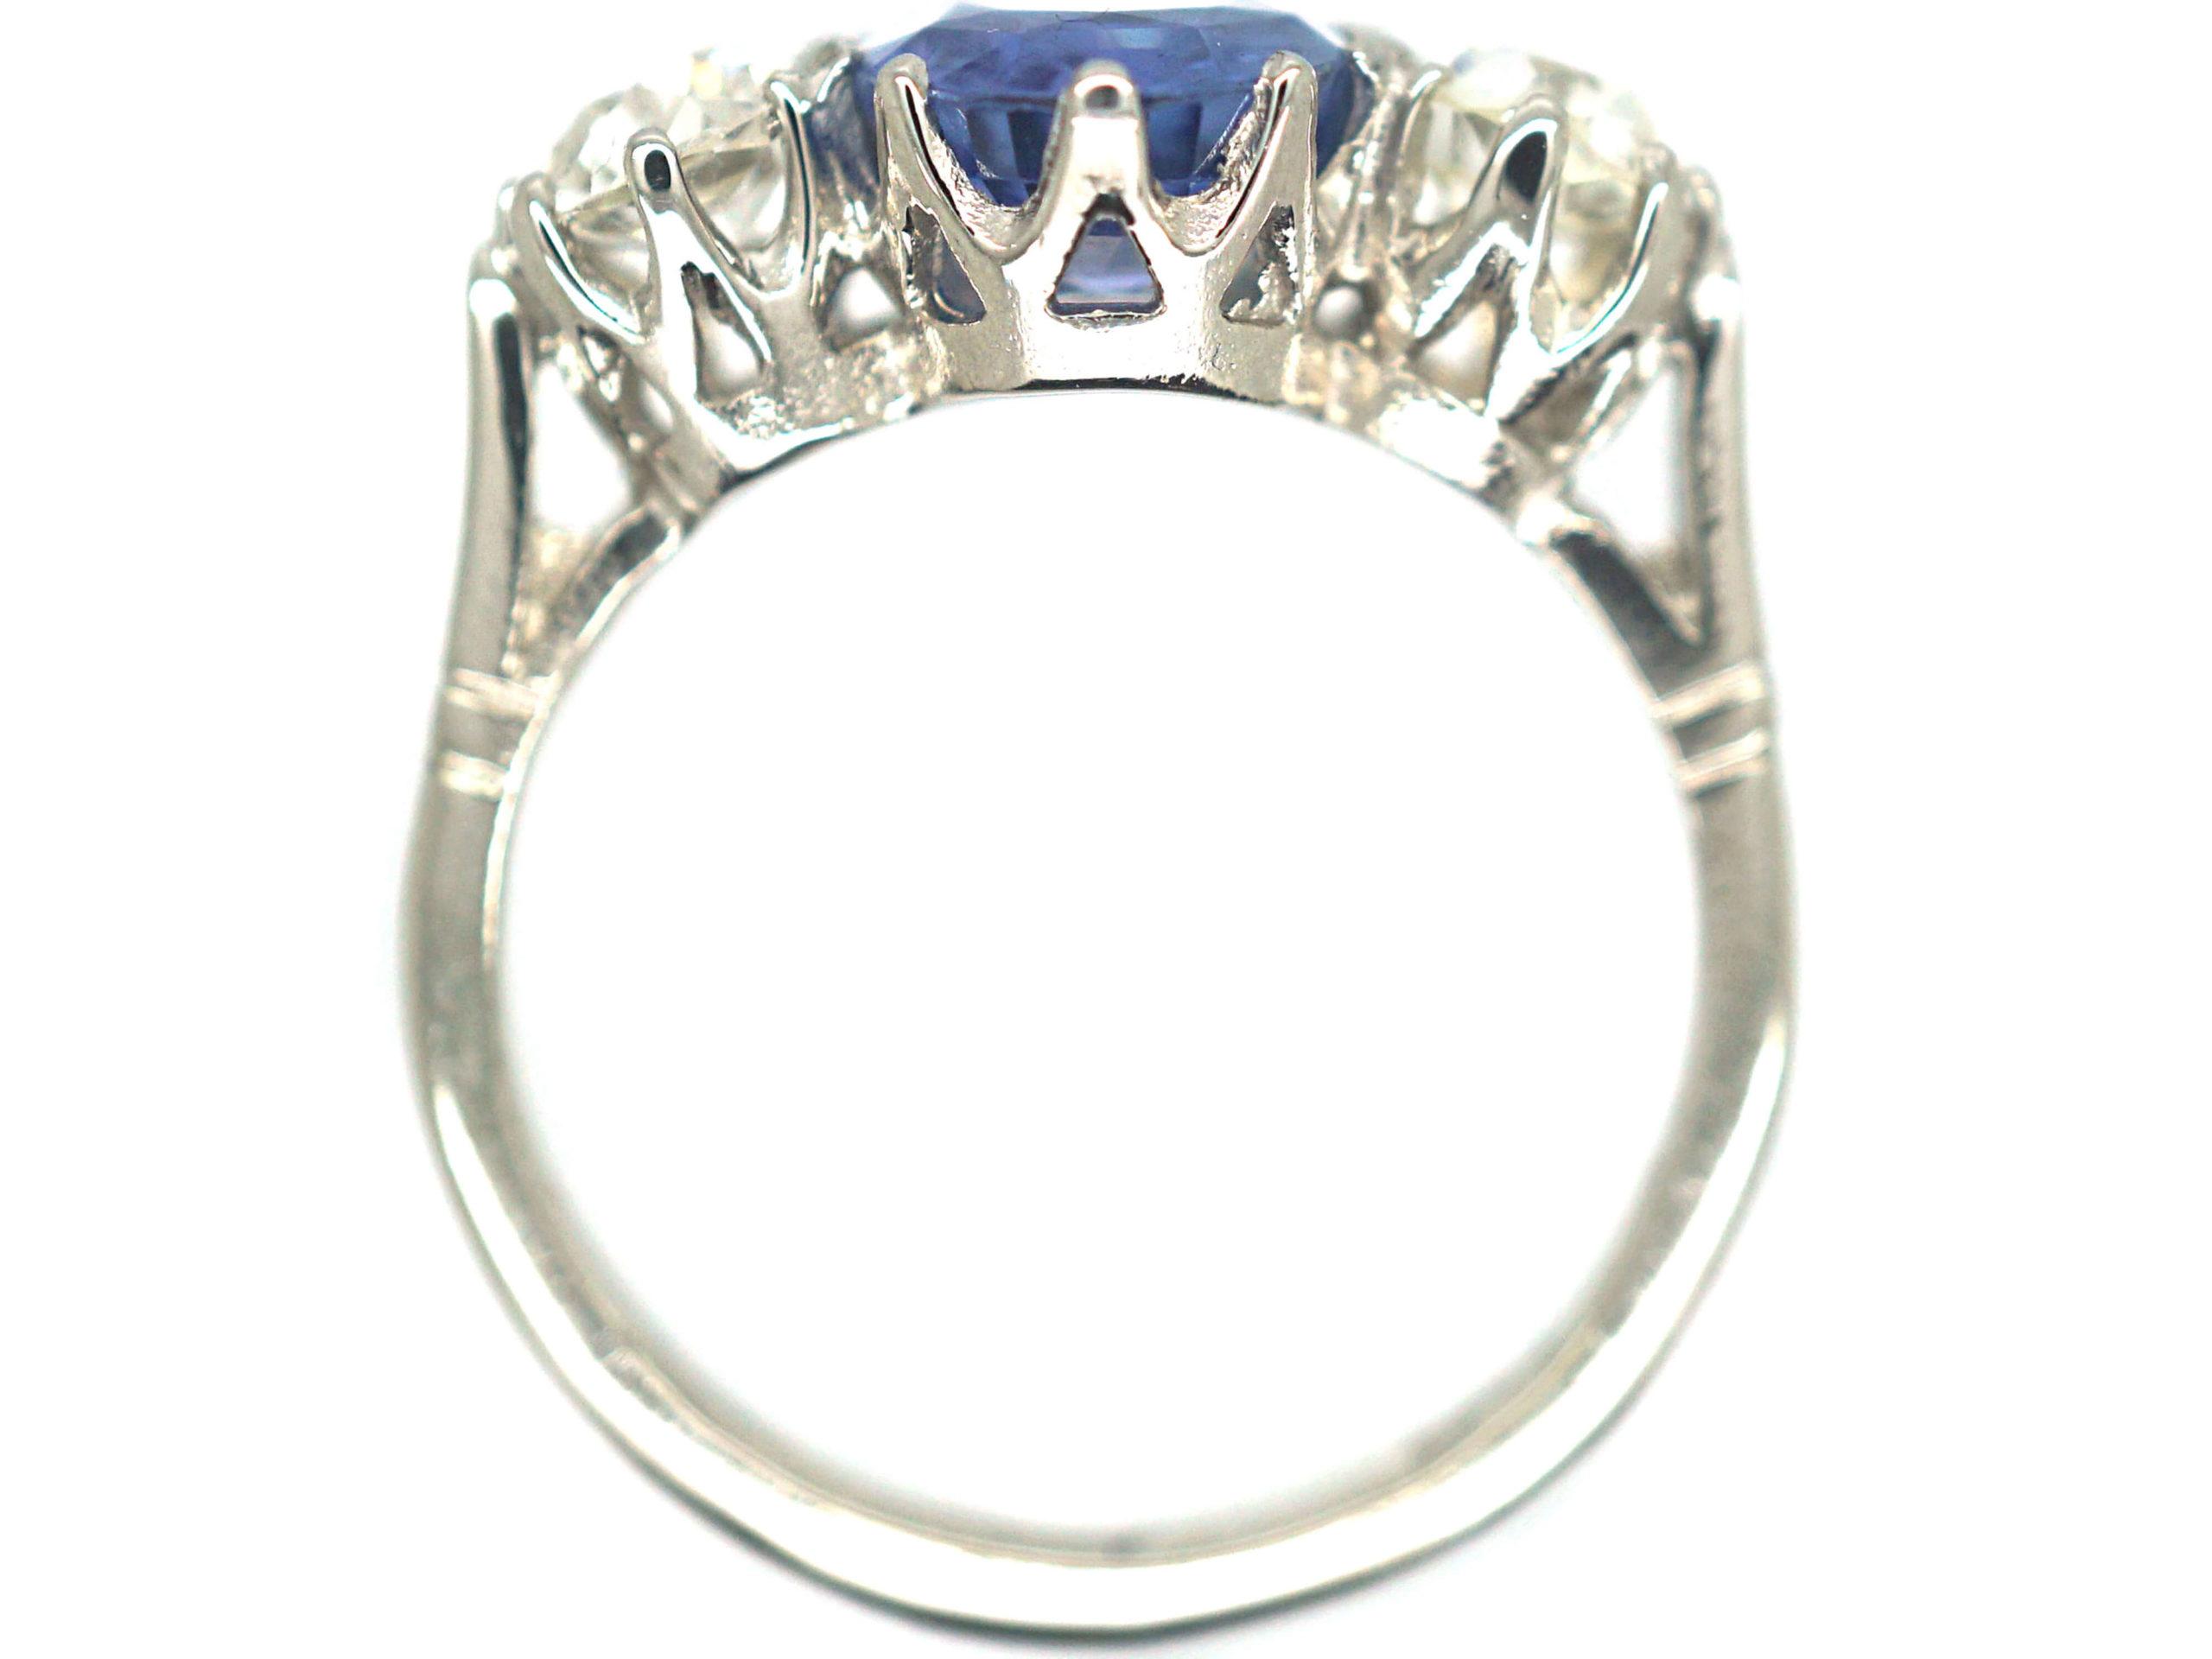 18ct White Gold & Platinum, Sapphire & Diamond Three Stone Ring